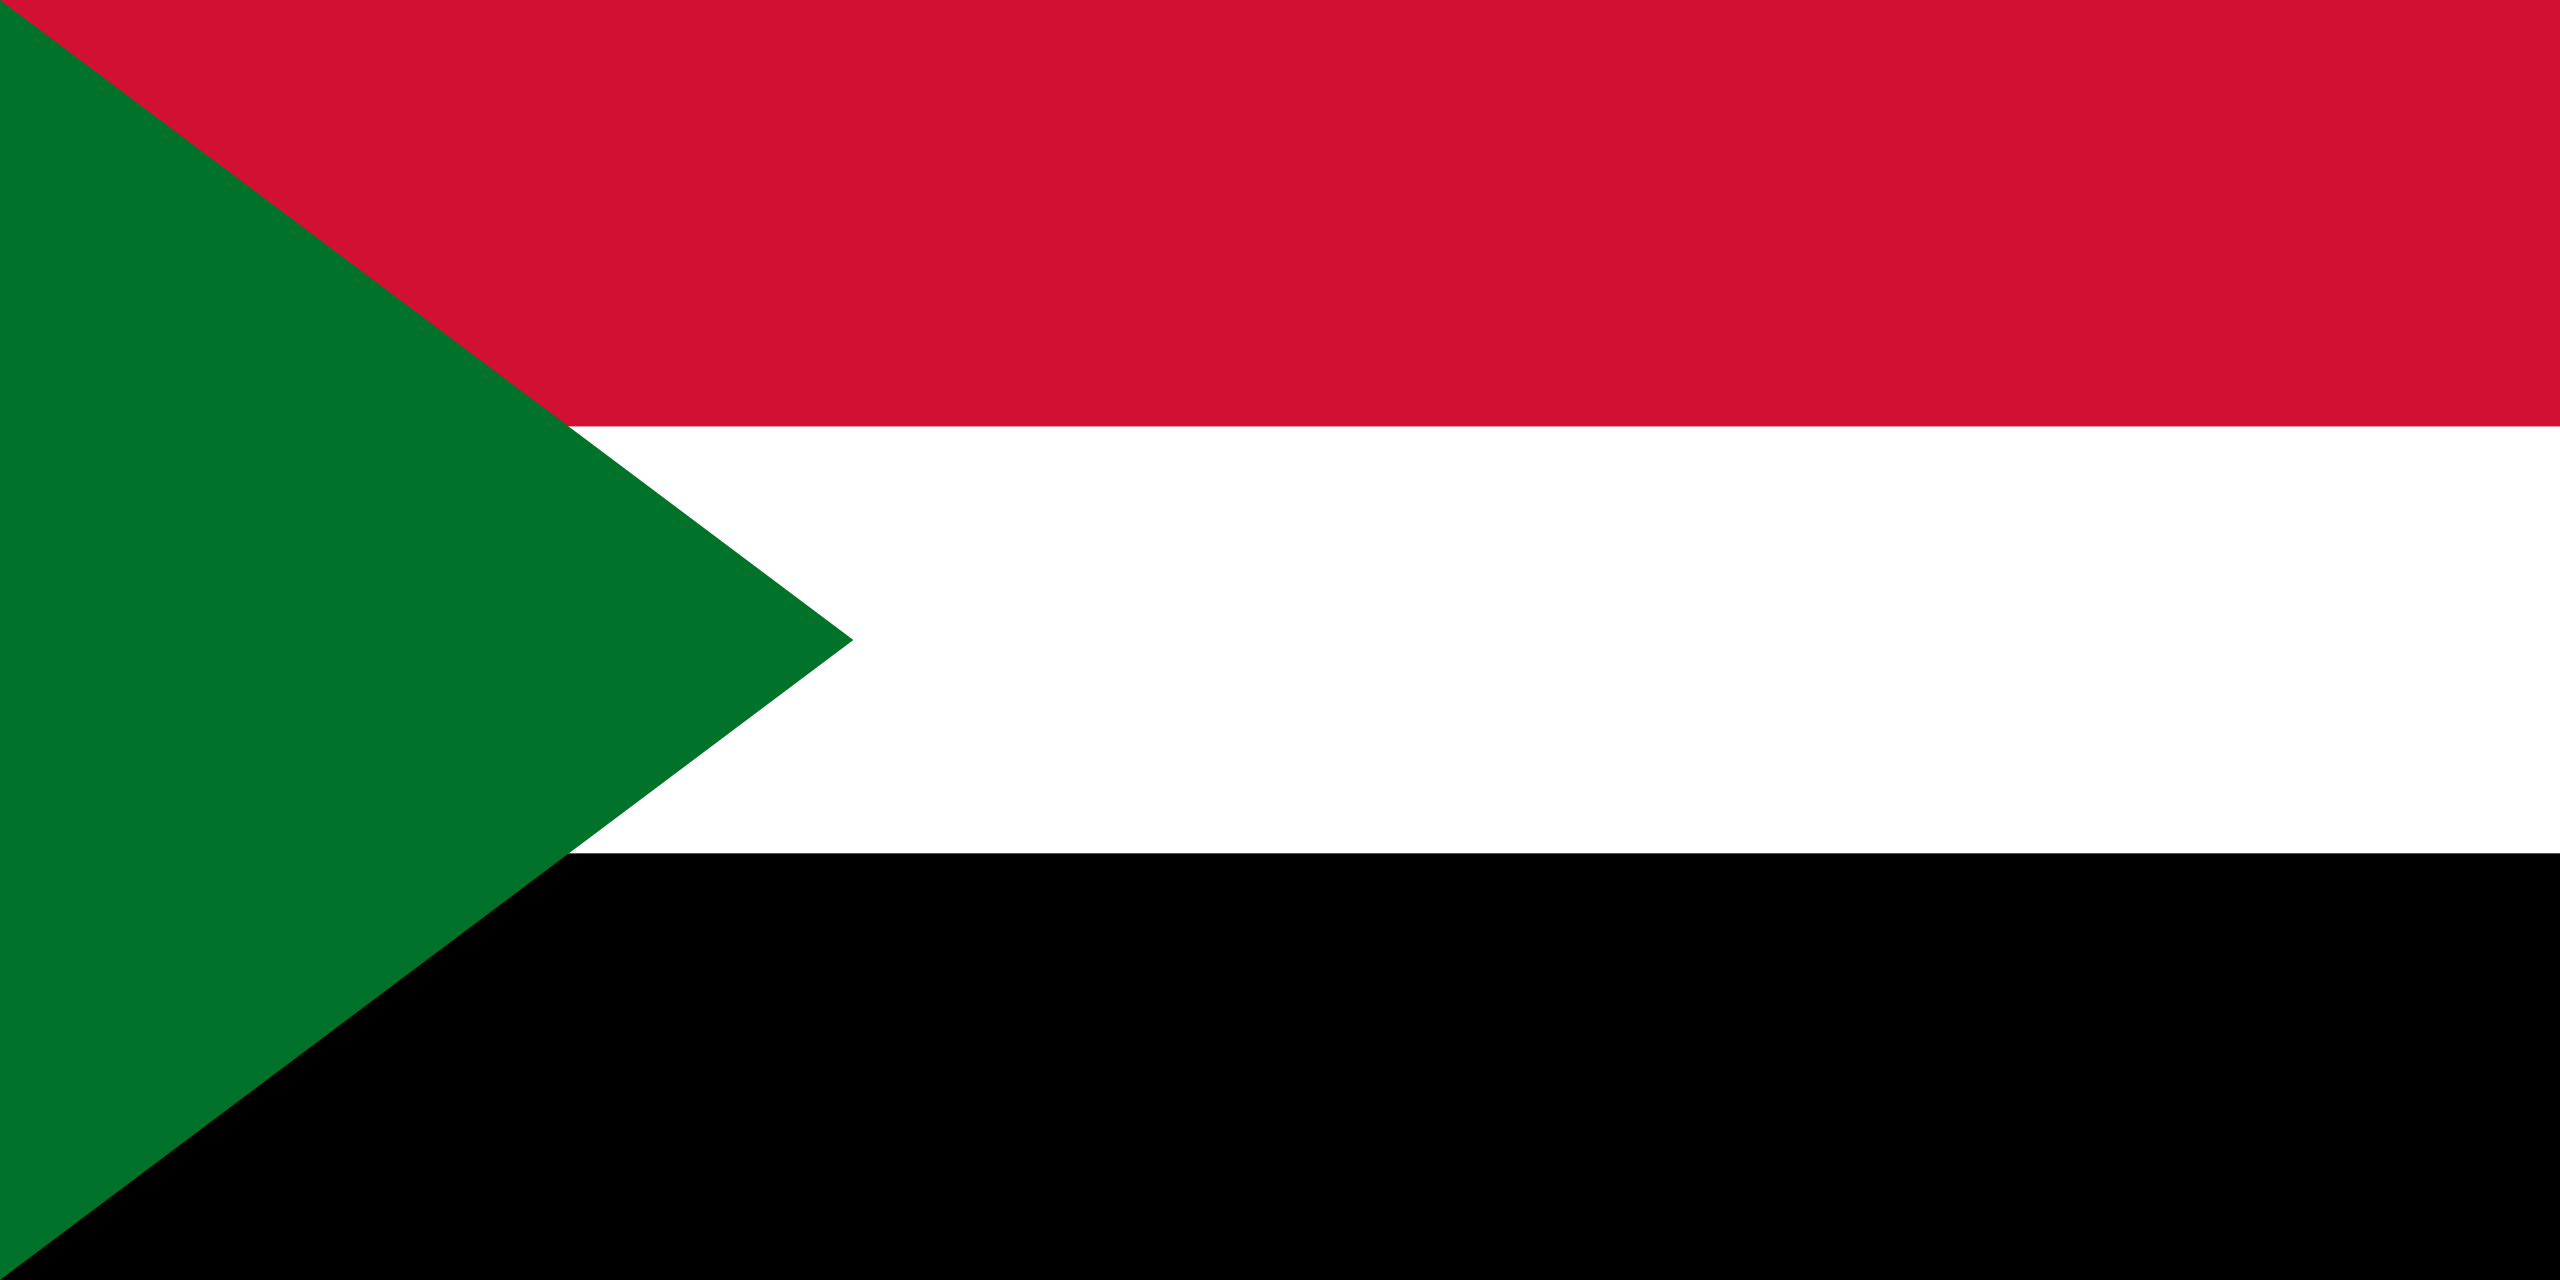 Sudão, país, Brasão de armas, logotipo, símbolo - Papéis de parede HD - Professor-falken.com